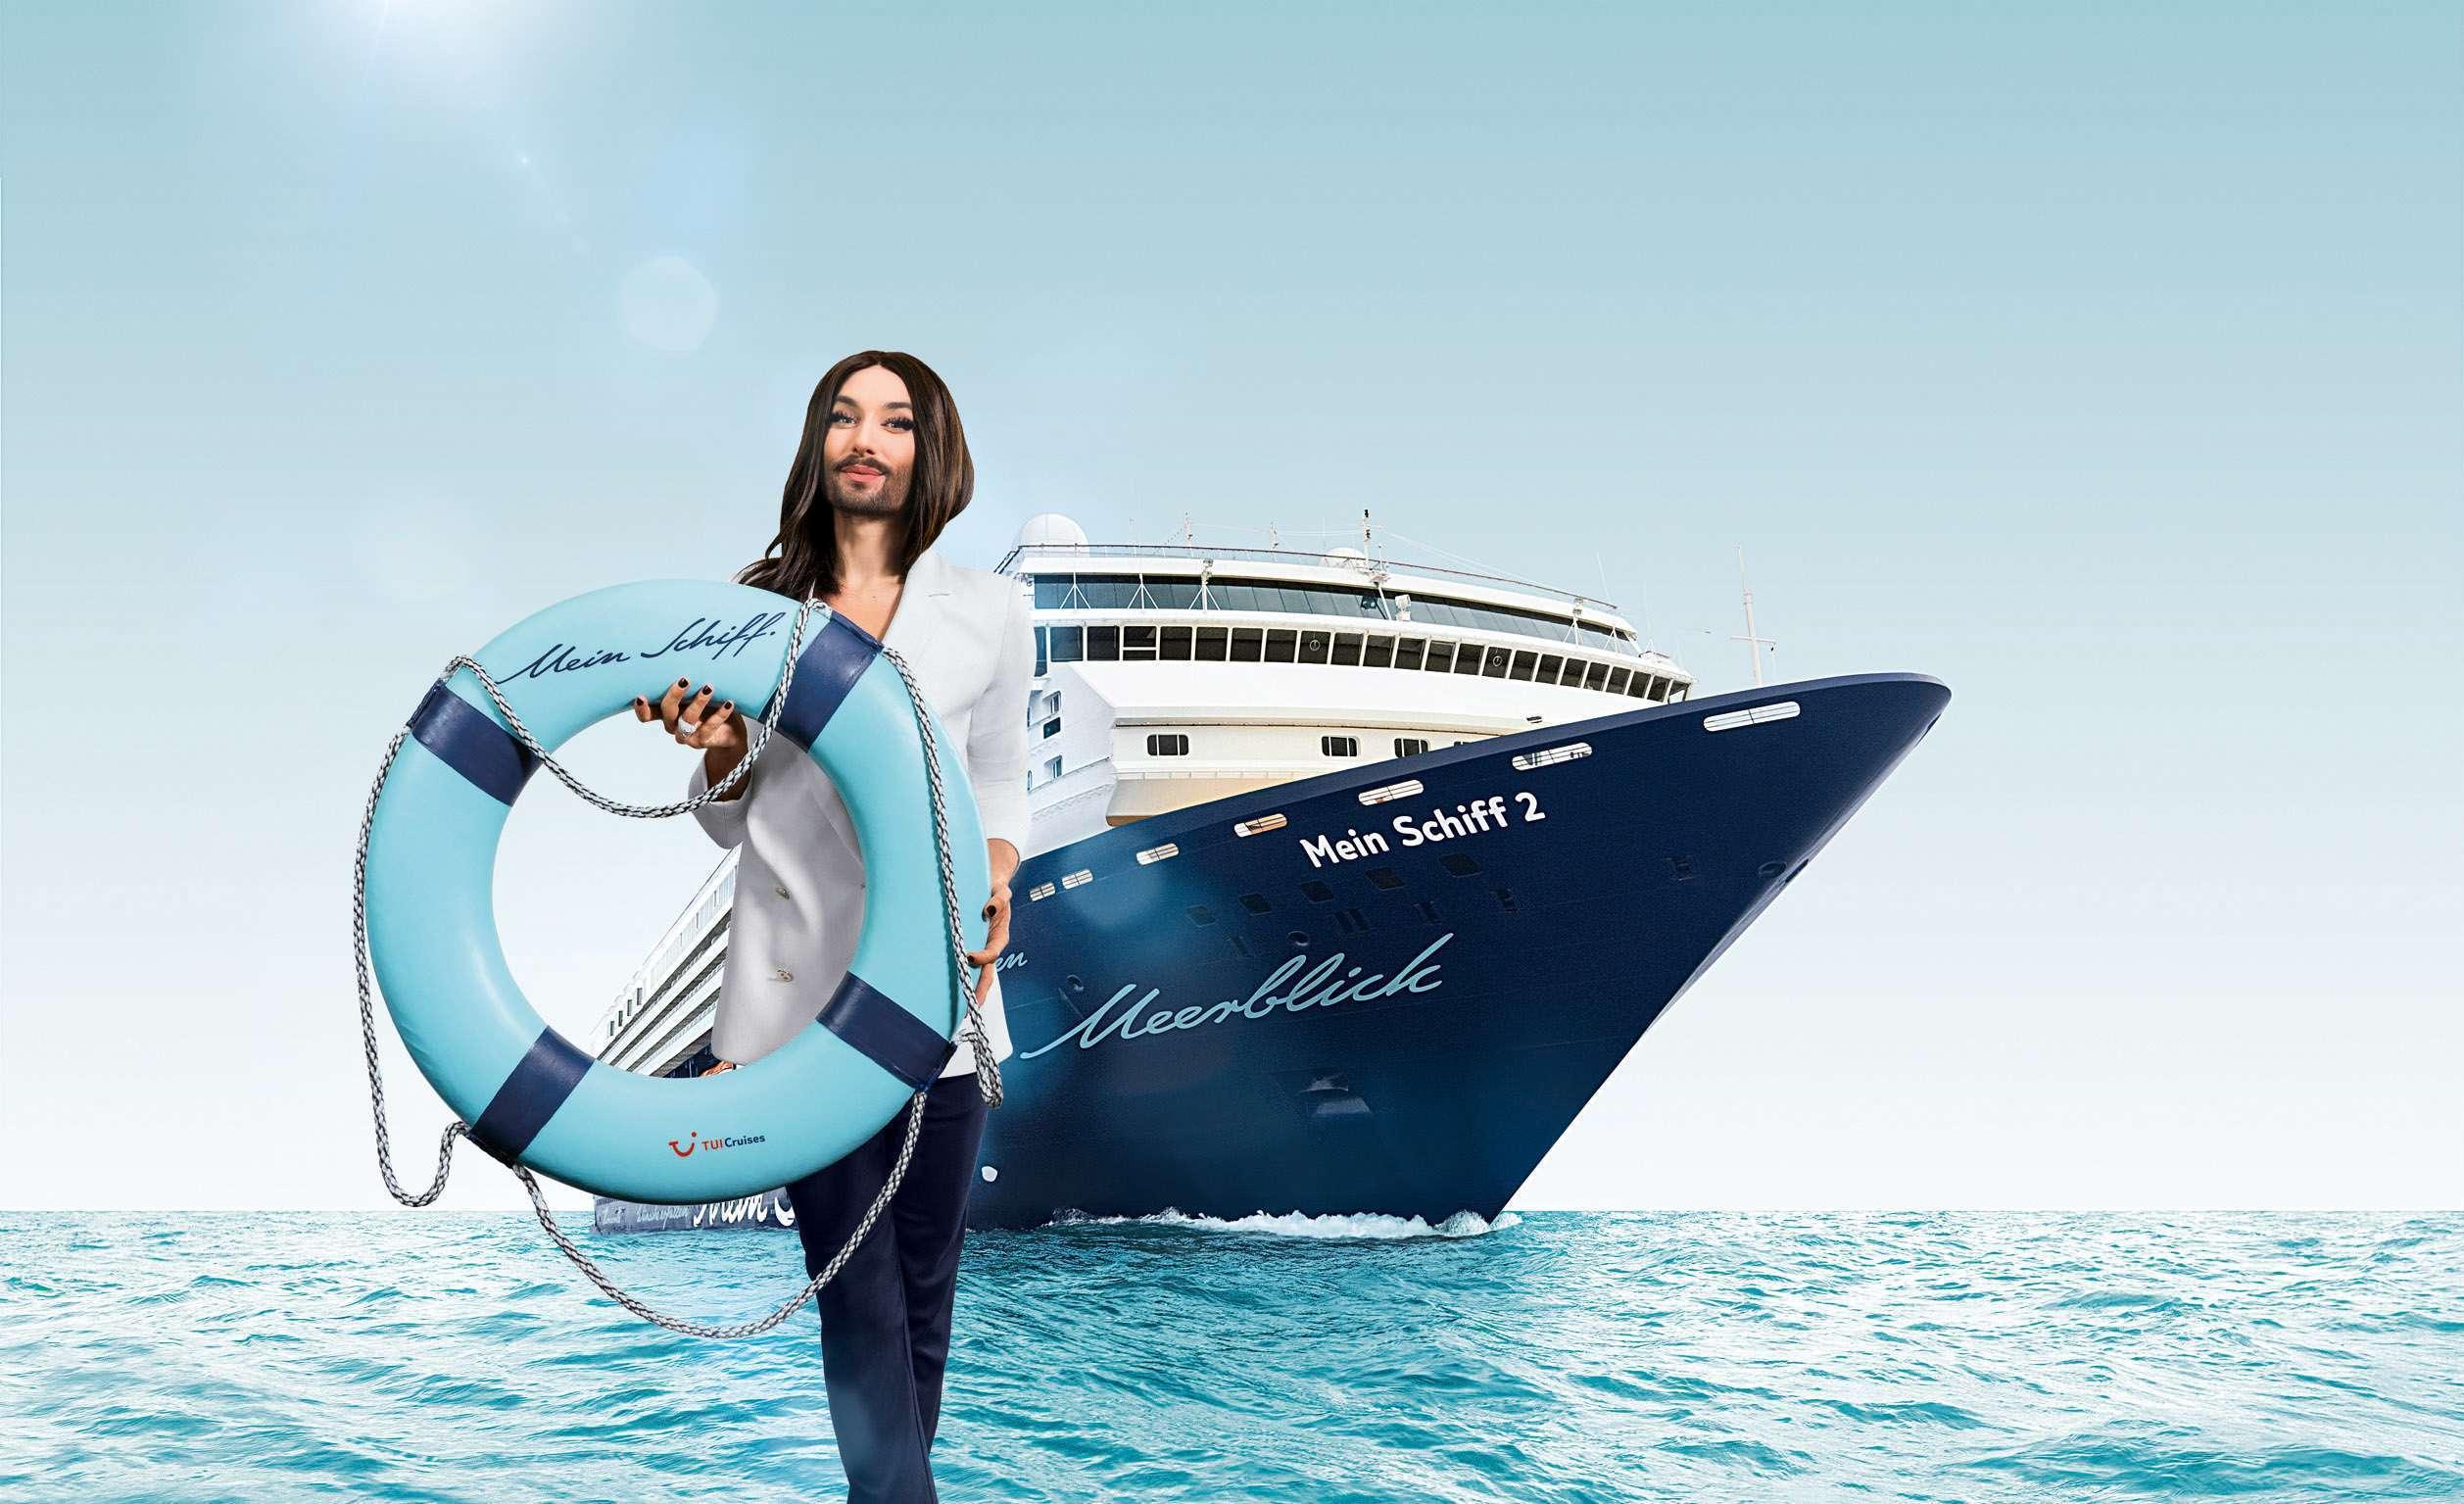 conchita_entert_mein_schiff_2_ctui_cruises